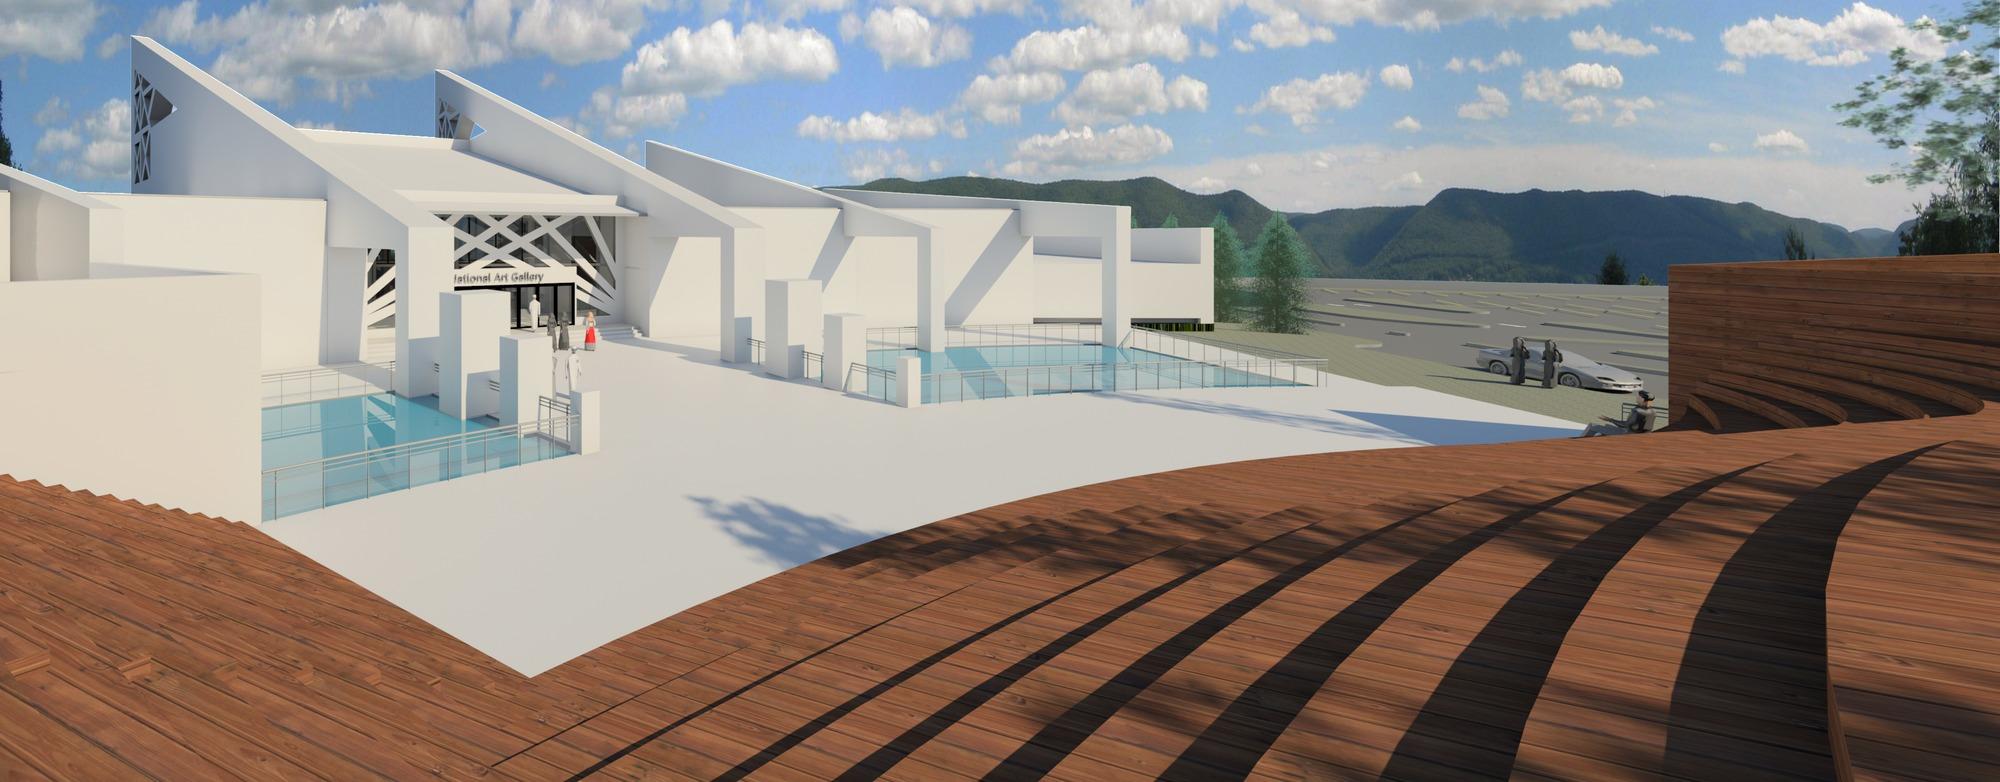 Raas-rendering20141103-3241-lehctw